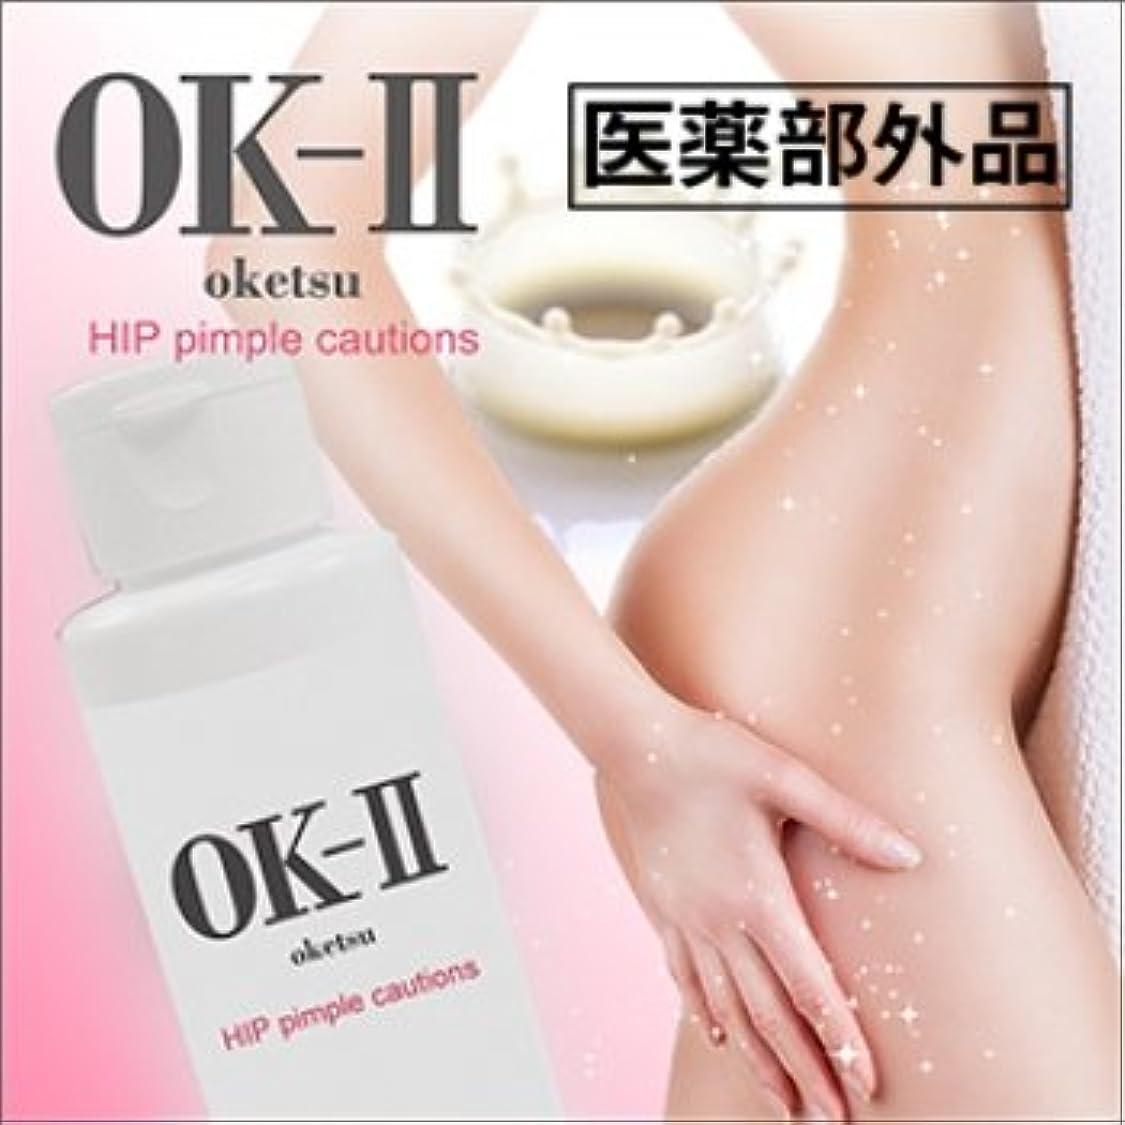 歩く固めるますますOK-IIオッケーツー(薬用お尻ニキビケアボディ乳液)医薬部外品